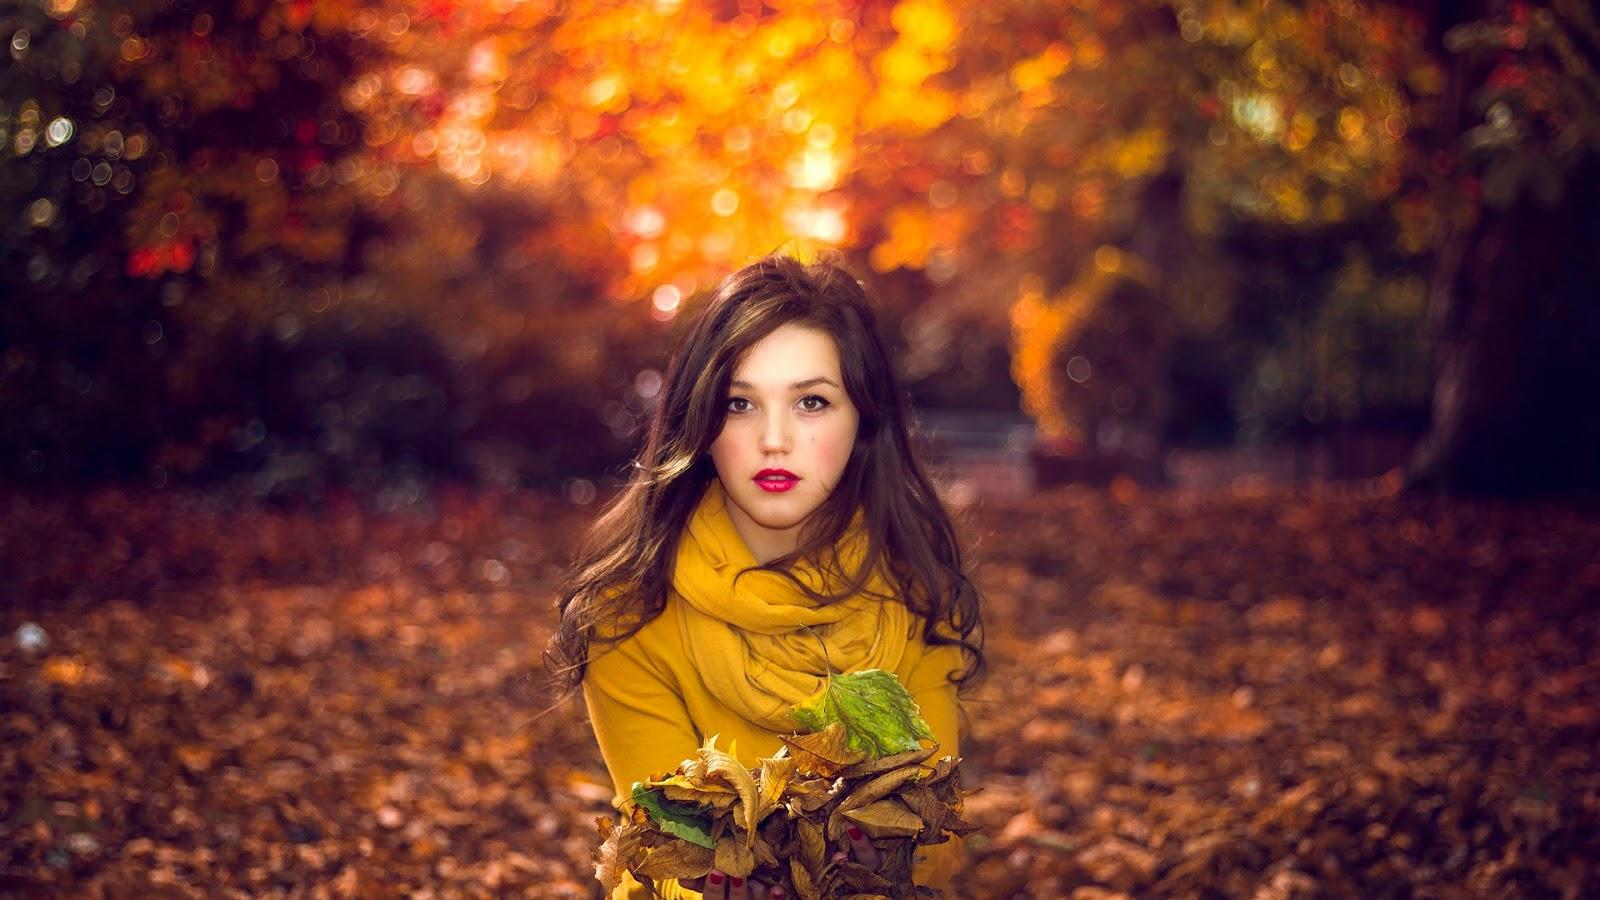 Фото красивых девушек брюнеток осенью 3 фотография